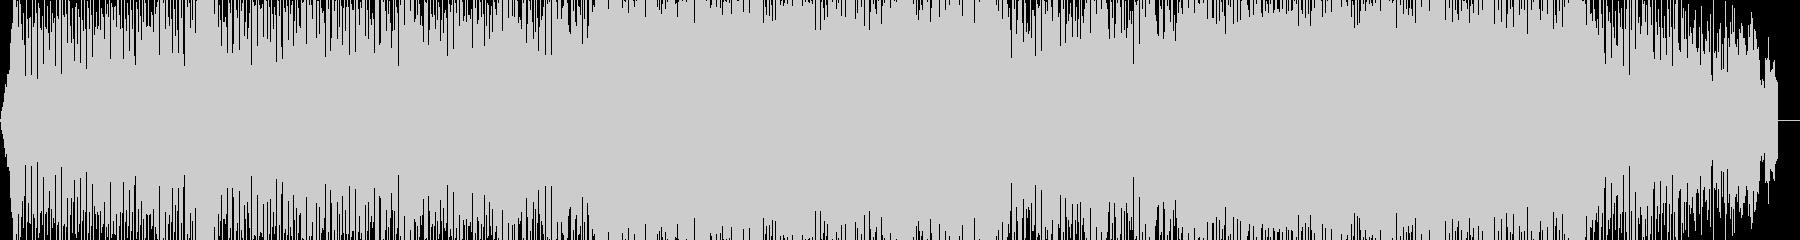 ❷アパレル・雑貨向き!テクノ/エレクトロの未再生の波形